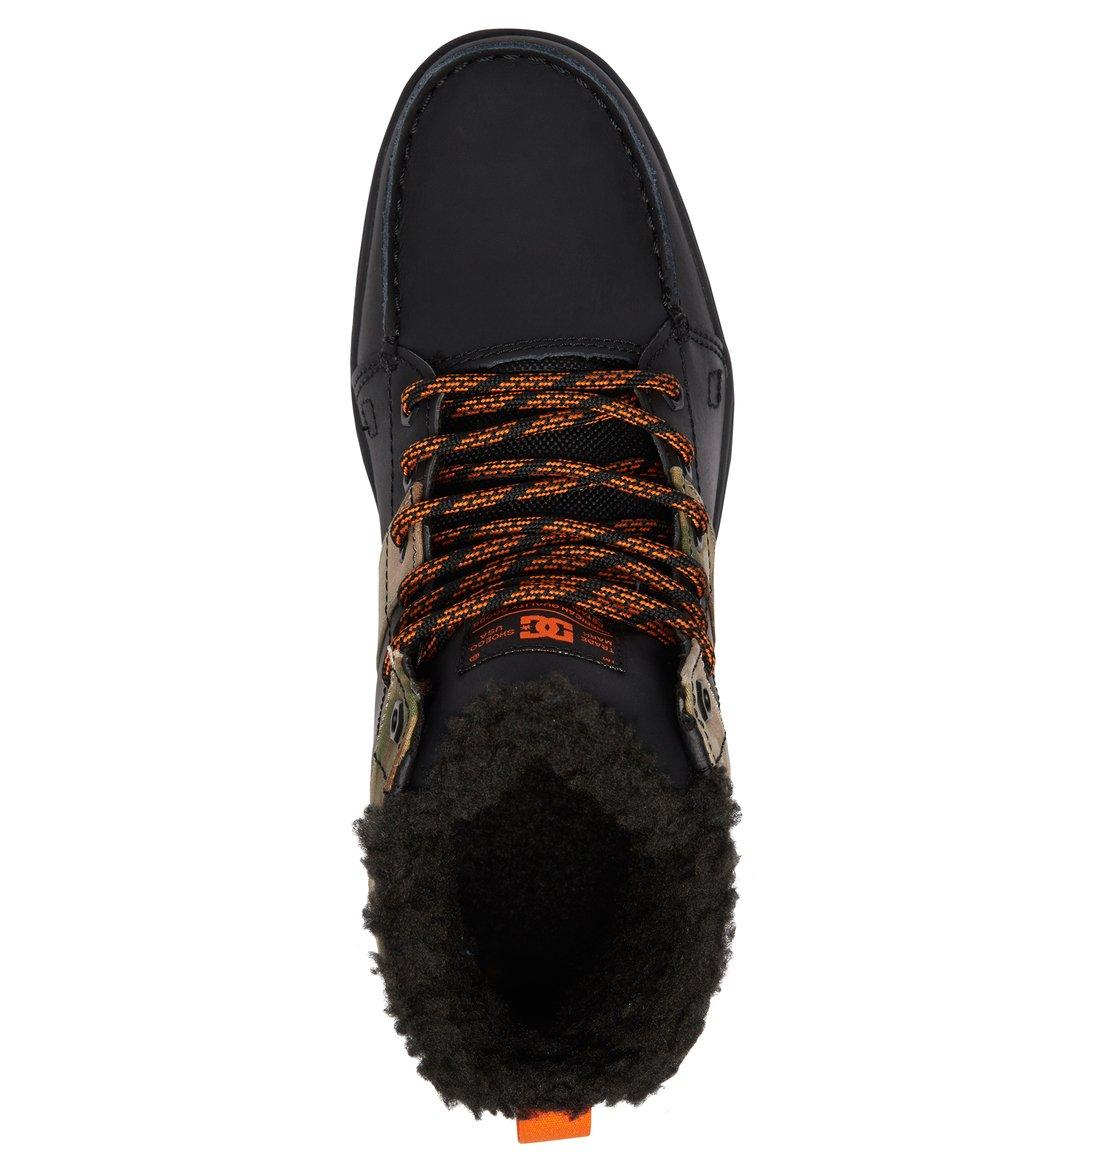 576548d5b 3 Woodland Lace-Up Boots Black 303241 DC Shoes